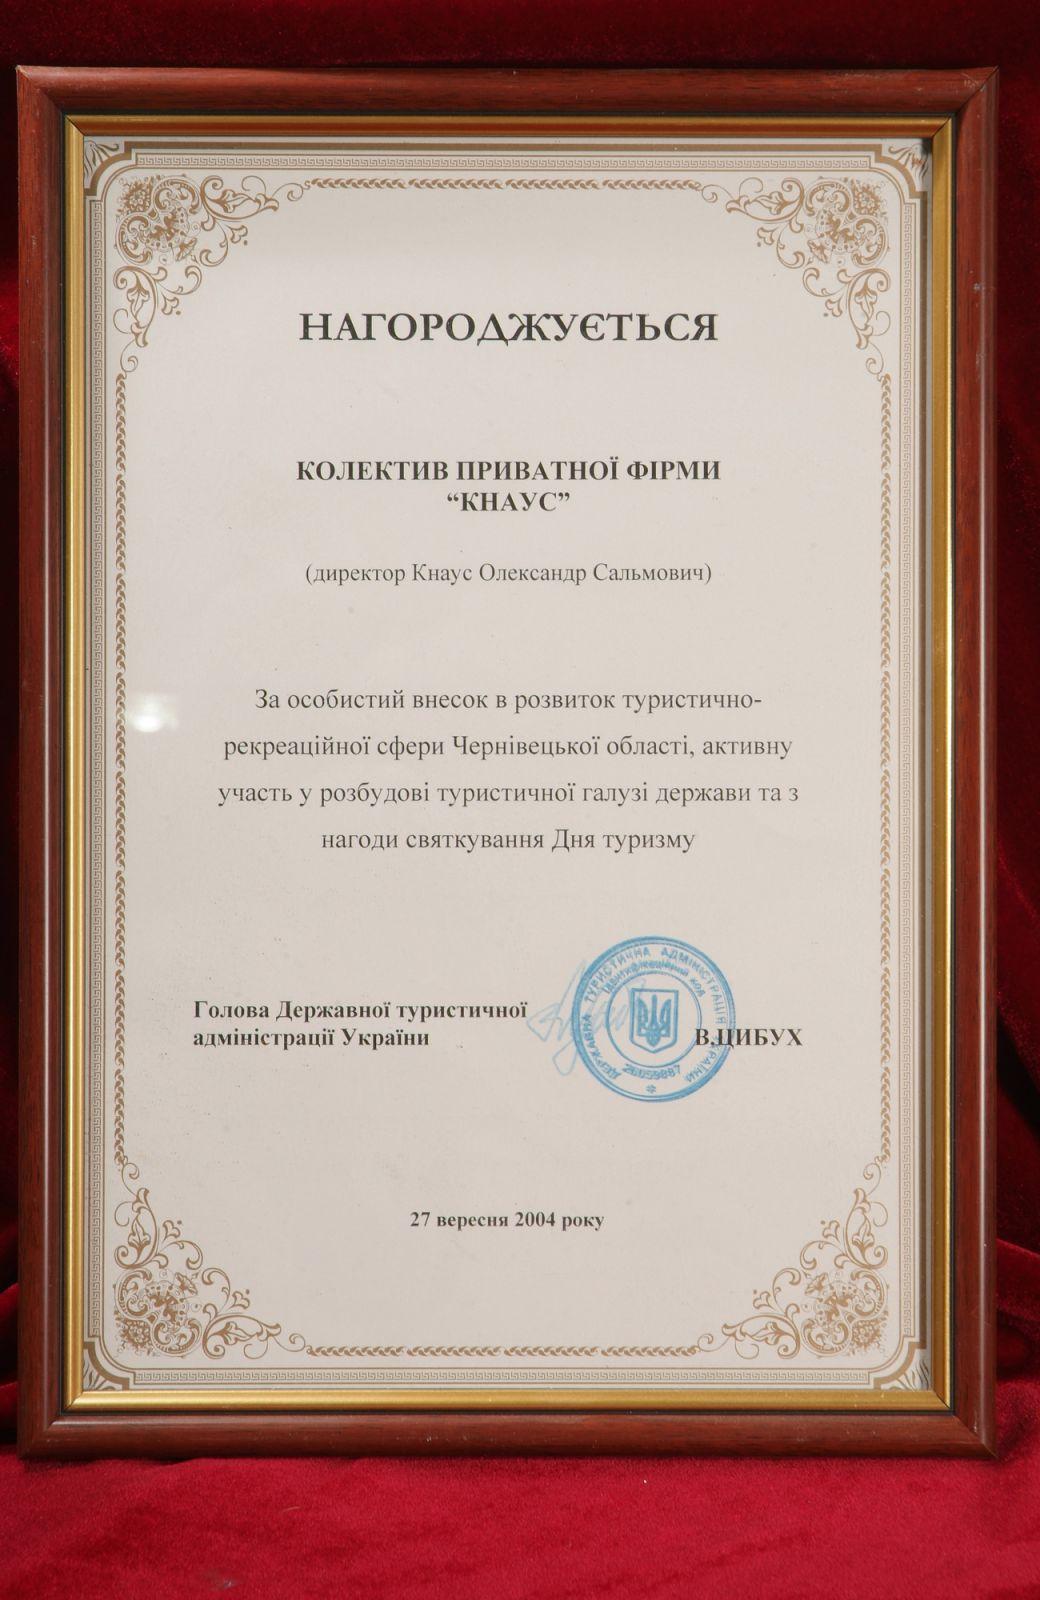 Наши награды Ресторан Кнаус  Диплом за особый вклад в развитие туристично рекреационной сферы Черновицкой области и активное участие в развитии туристической отрасли государства